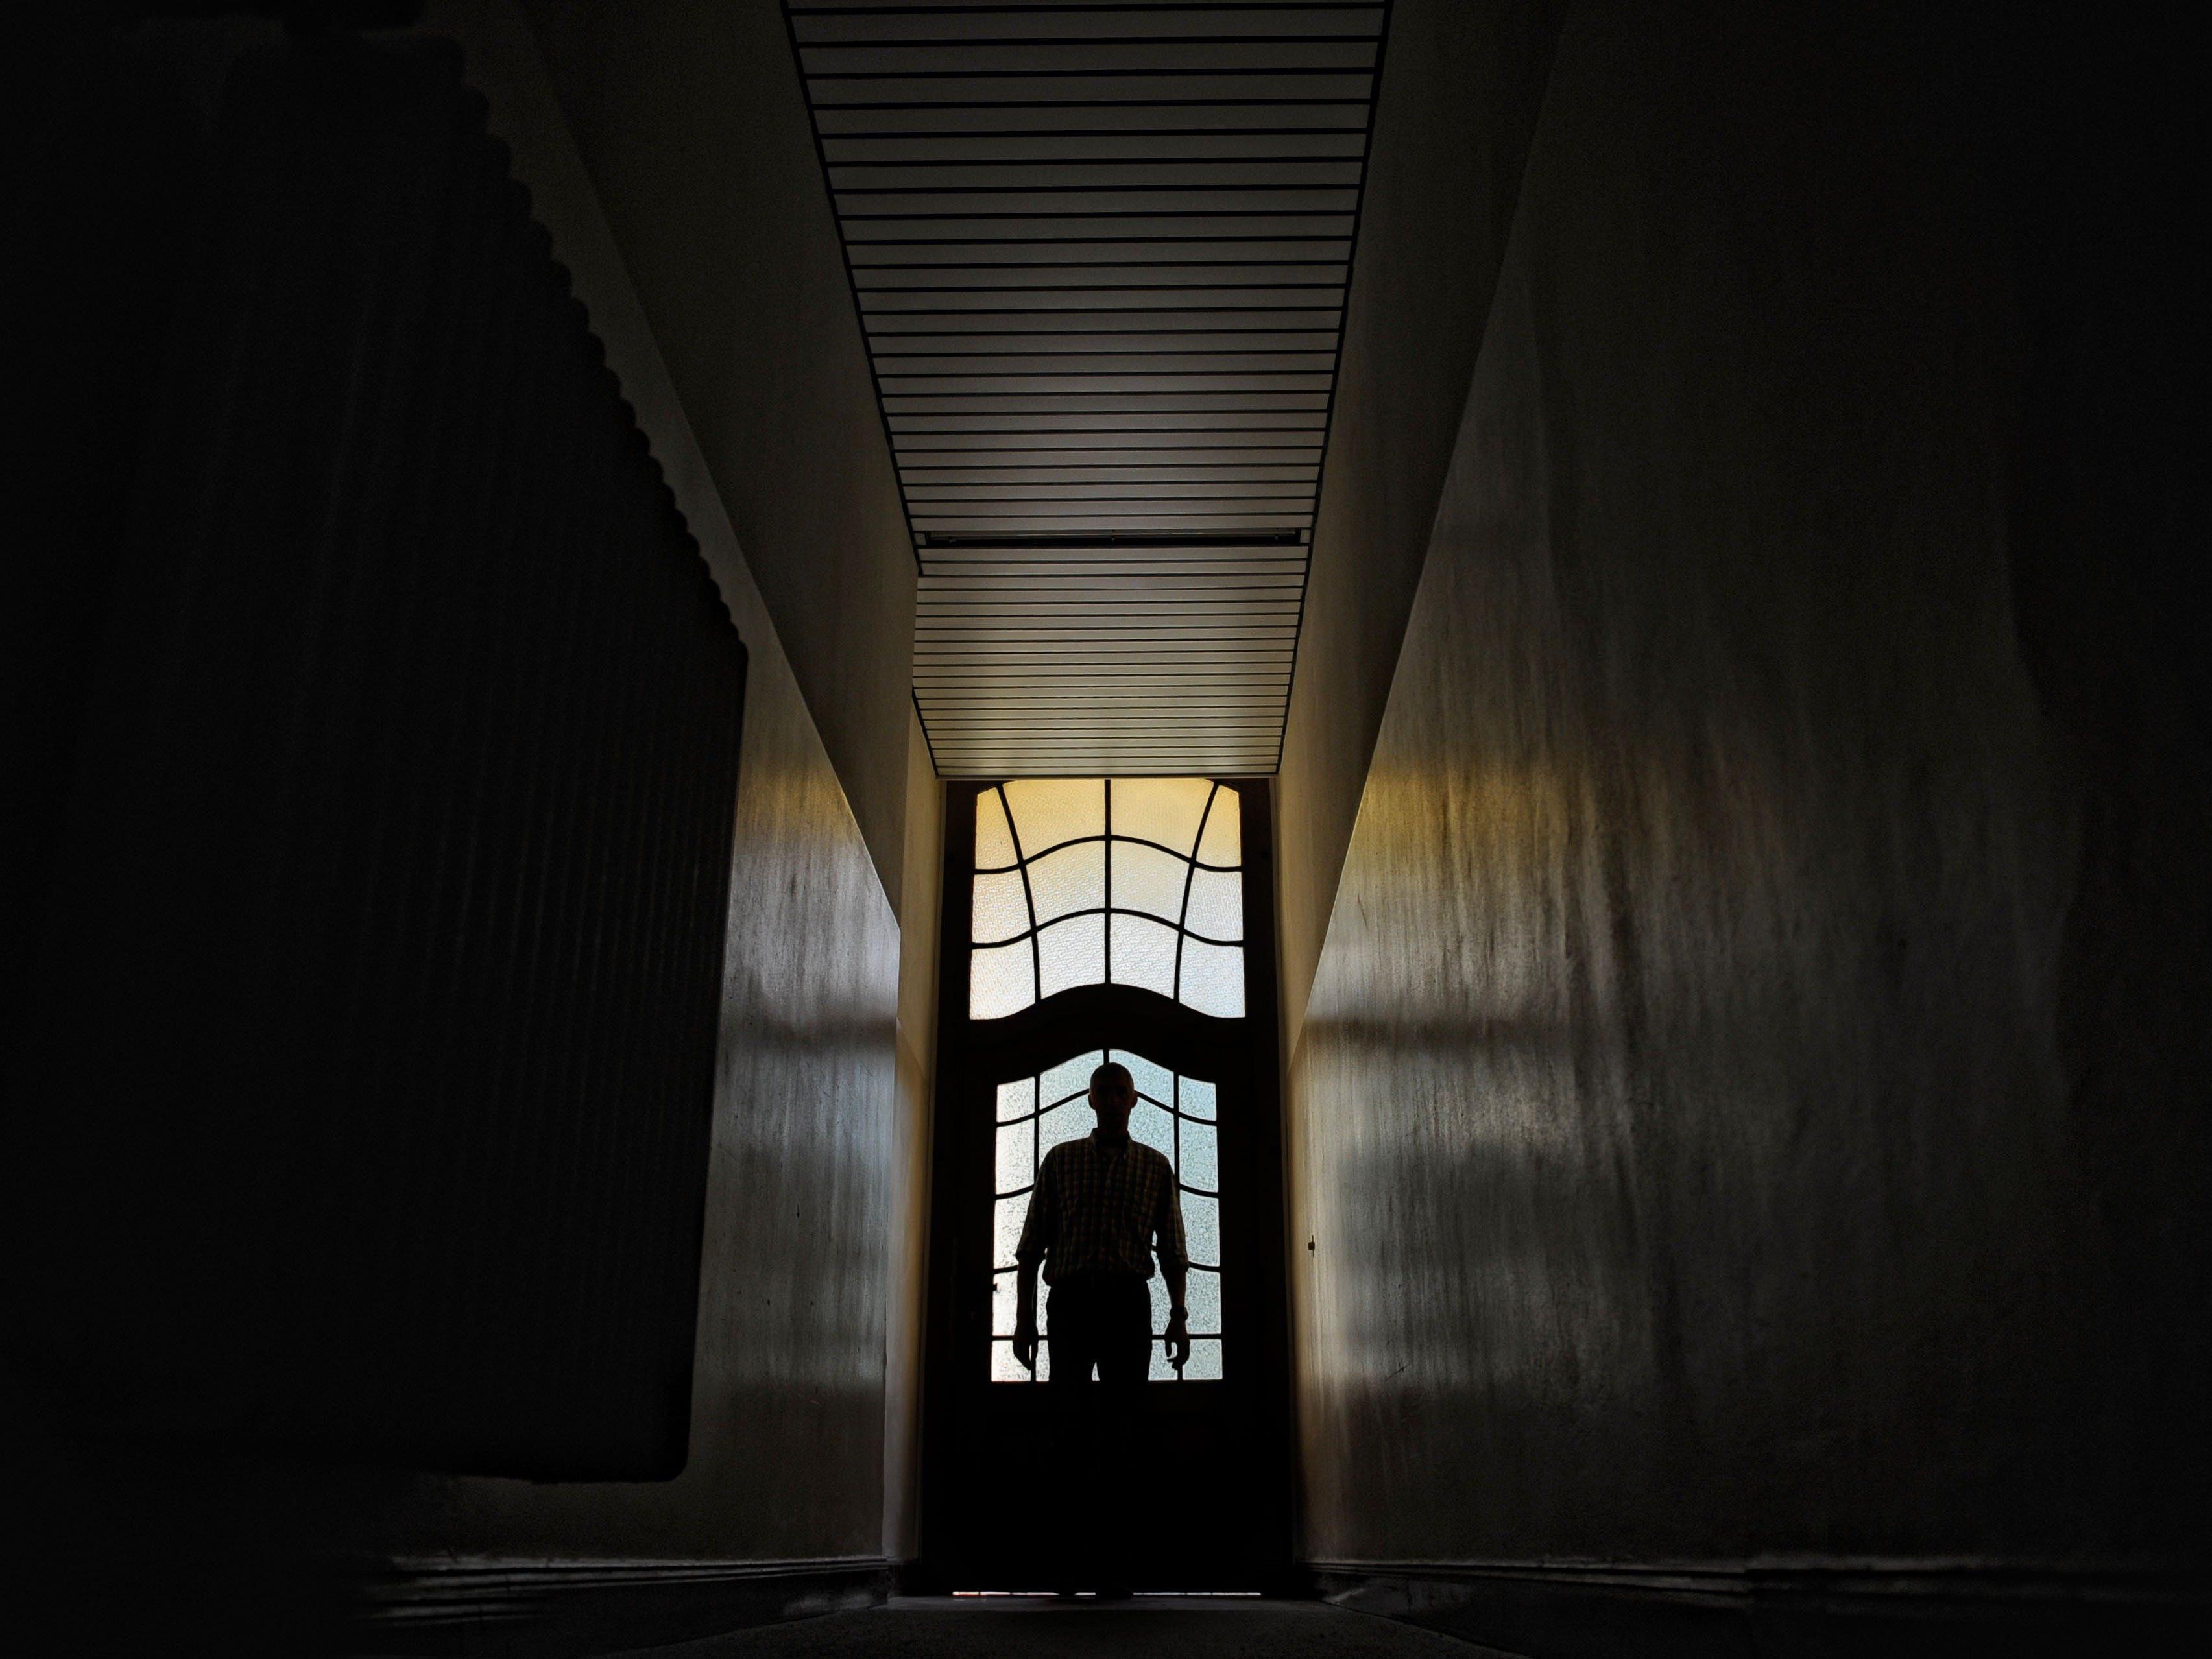 Welttag der seelischen Gesundheit am 10. Oktober macht auf psychische Leiden aufmerksam.